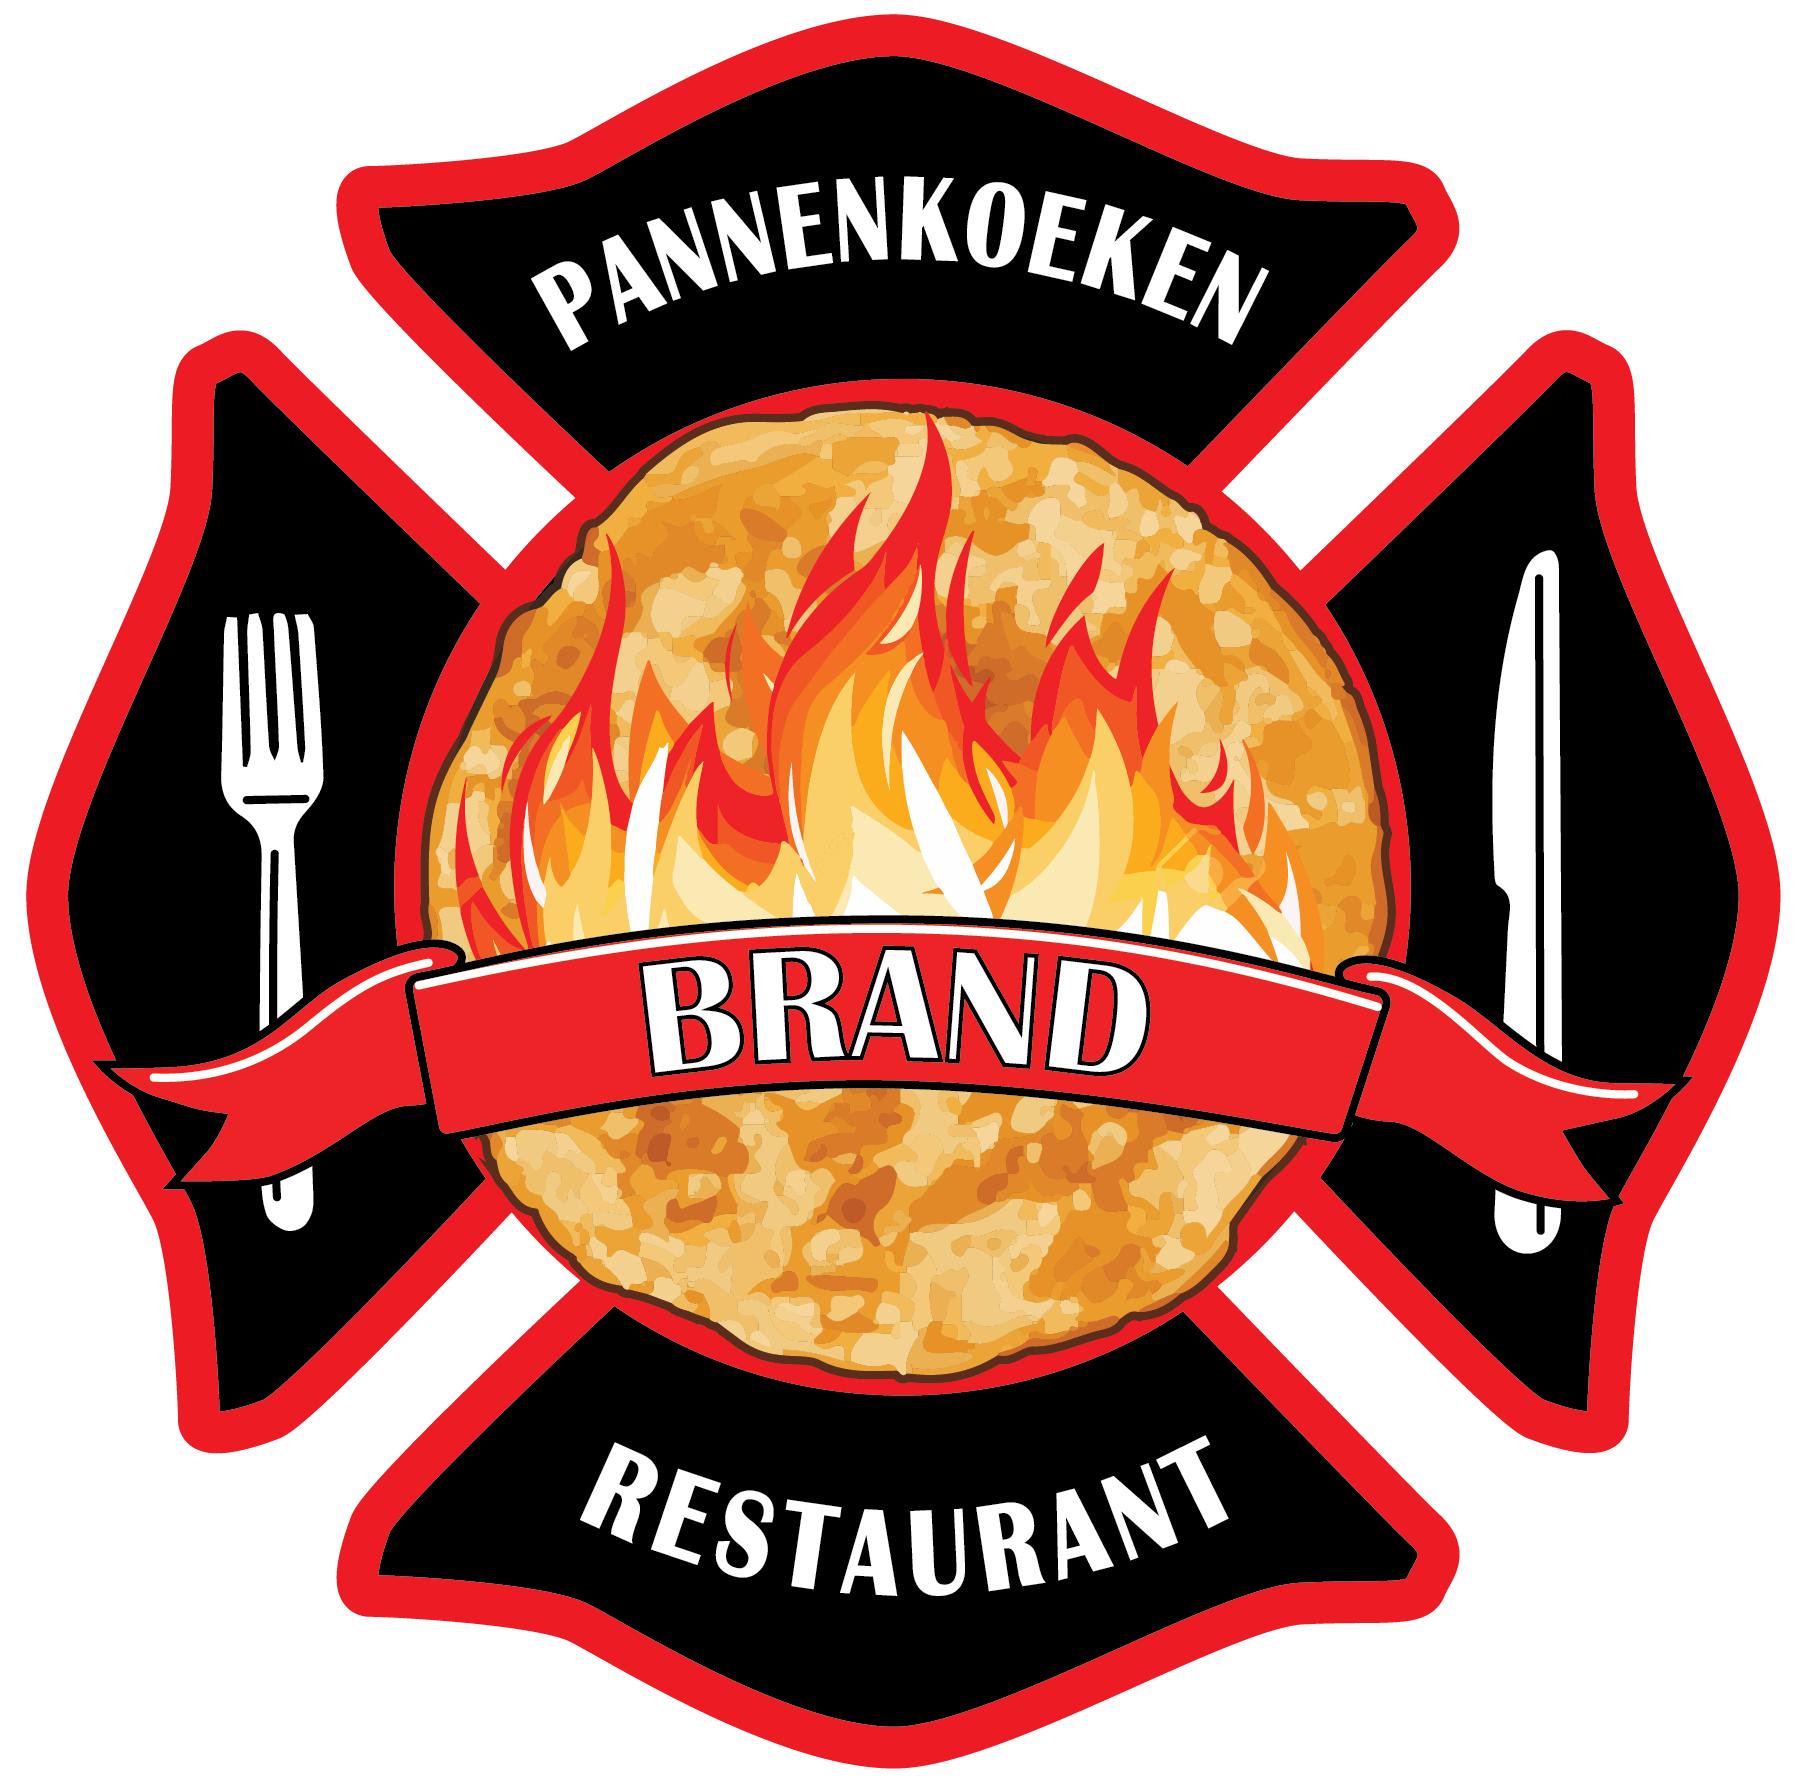 Brand pannenkoekenrestaurant